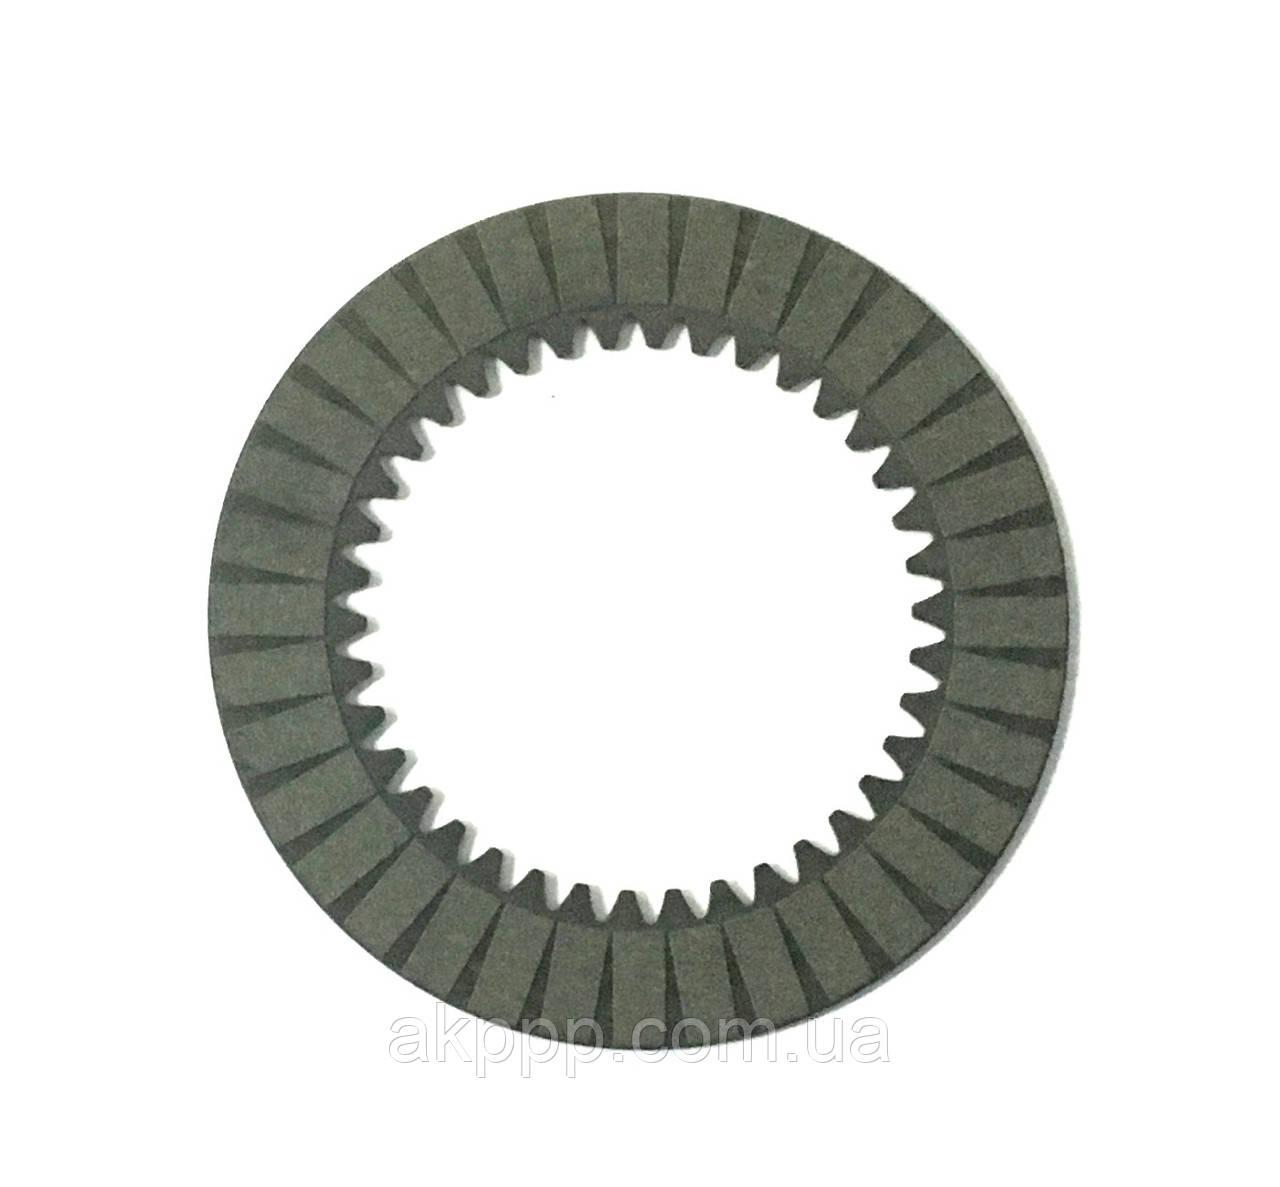 Фрикціон диск зчеплення акпп A24A, A2YA, M24A, S24A